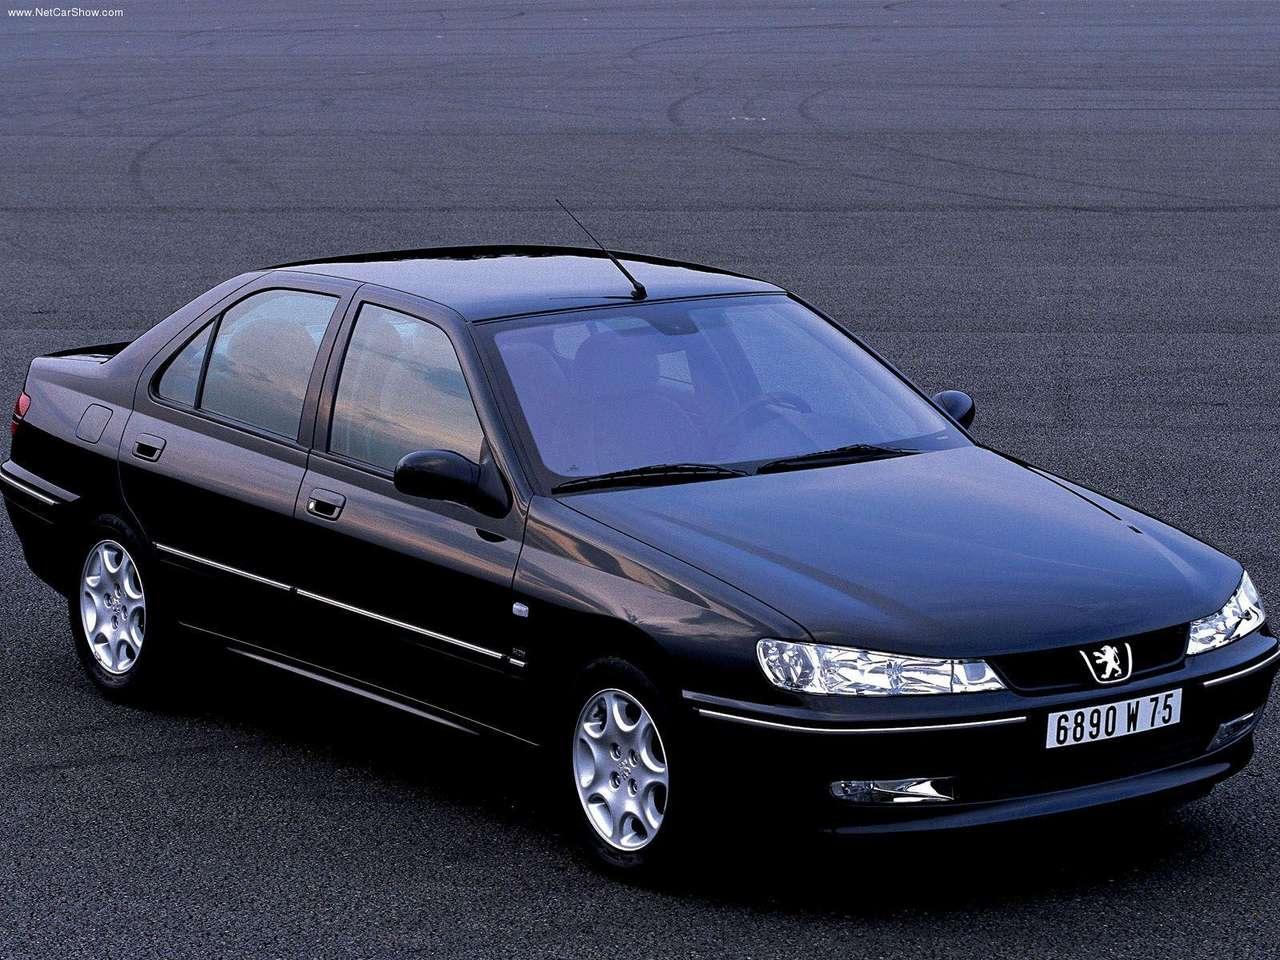 Peugeot - Poire français d'automobiles: 2001 Peugeot 406 Sedan